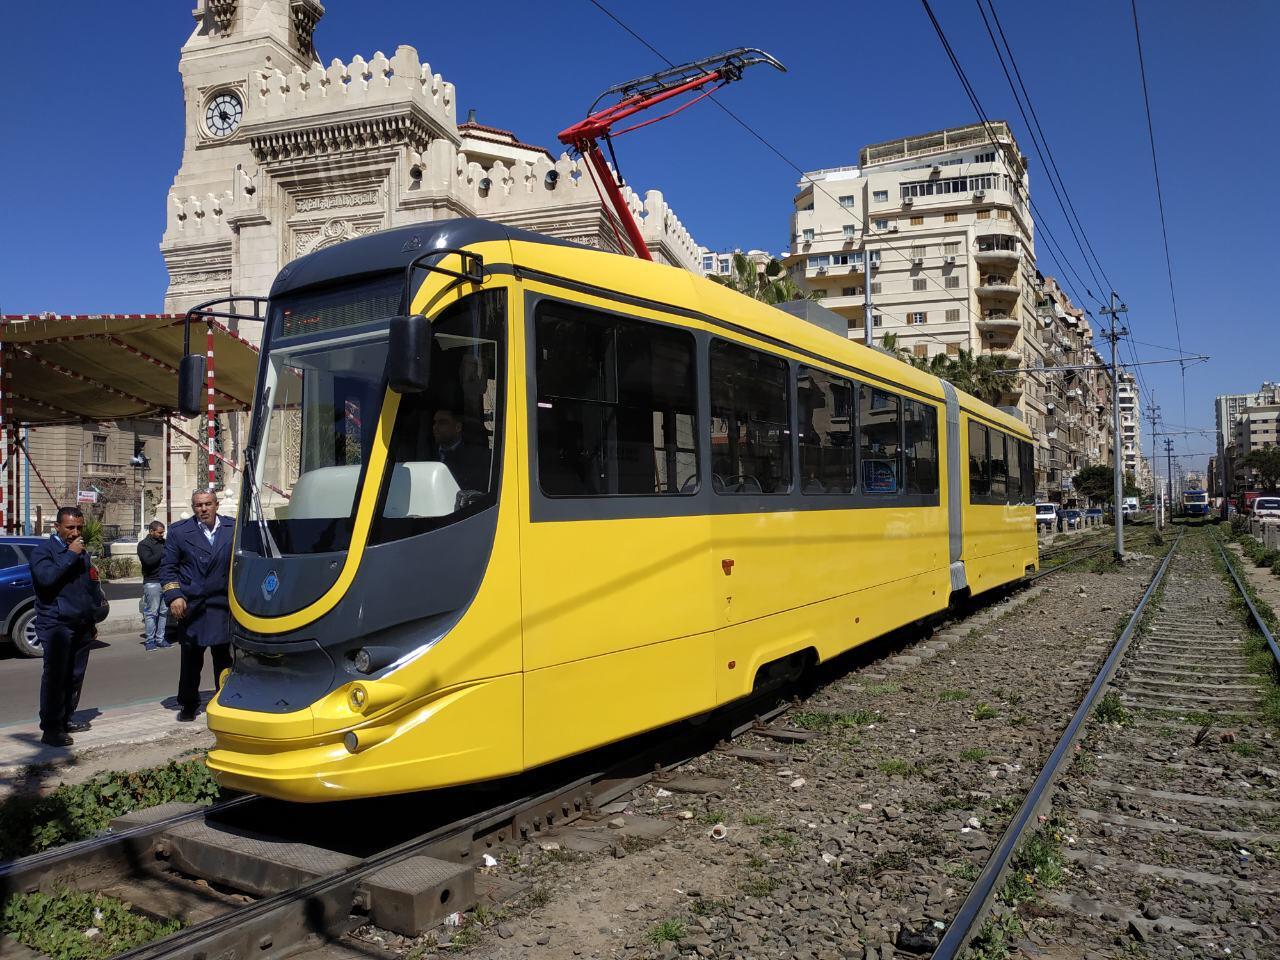 A ještě jednou. Nová tramvaj v Oděse sídlícího výrobce má i Wi-Fi. (foto: Tatra-Jug)